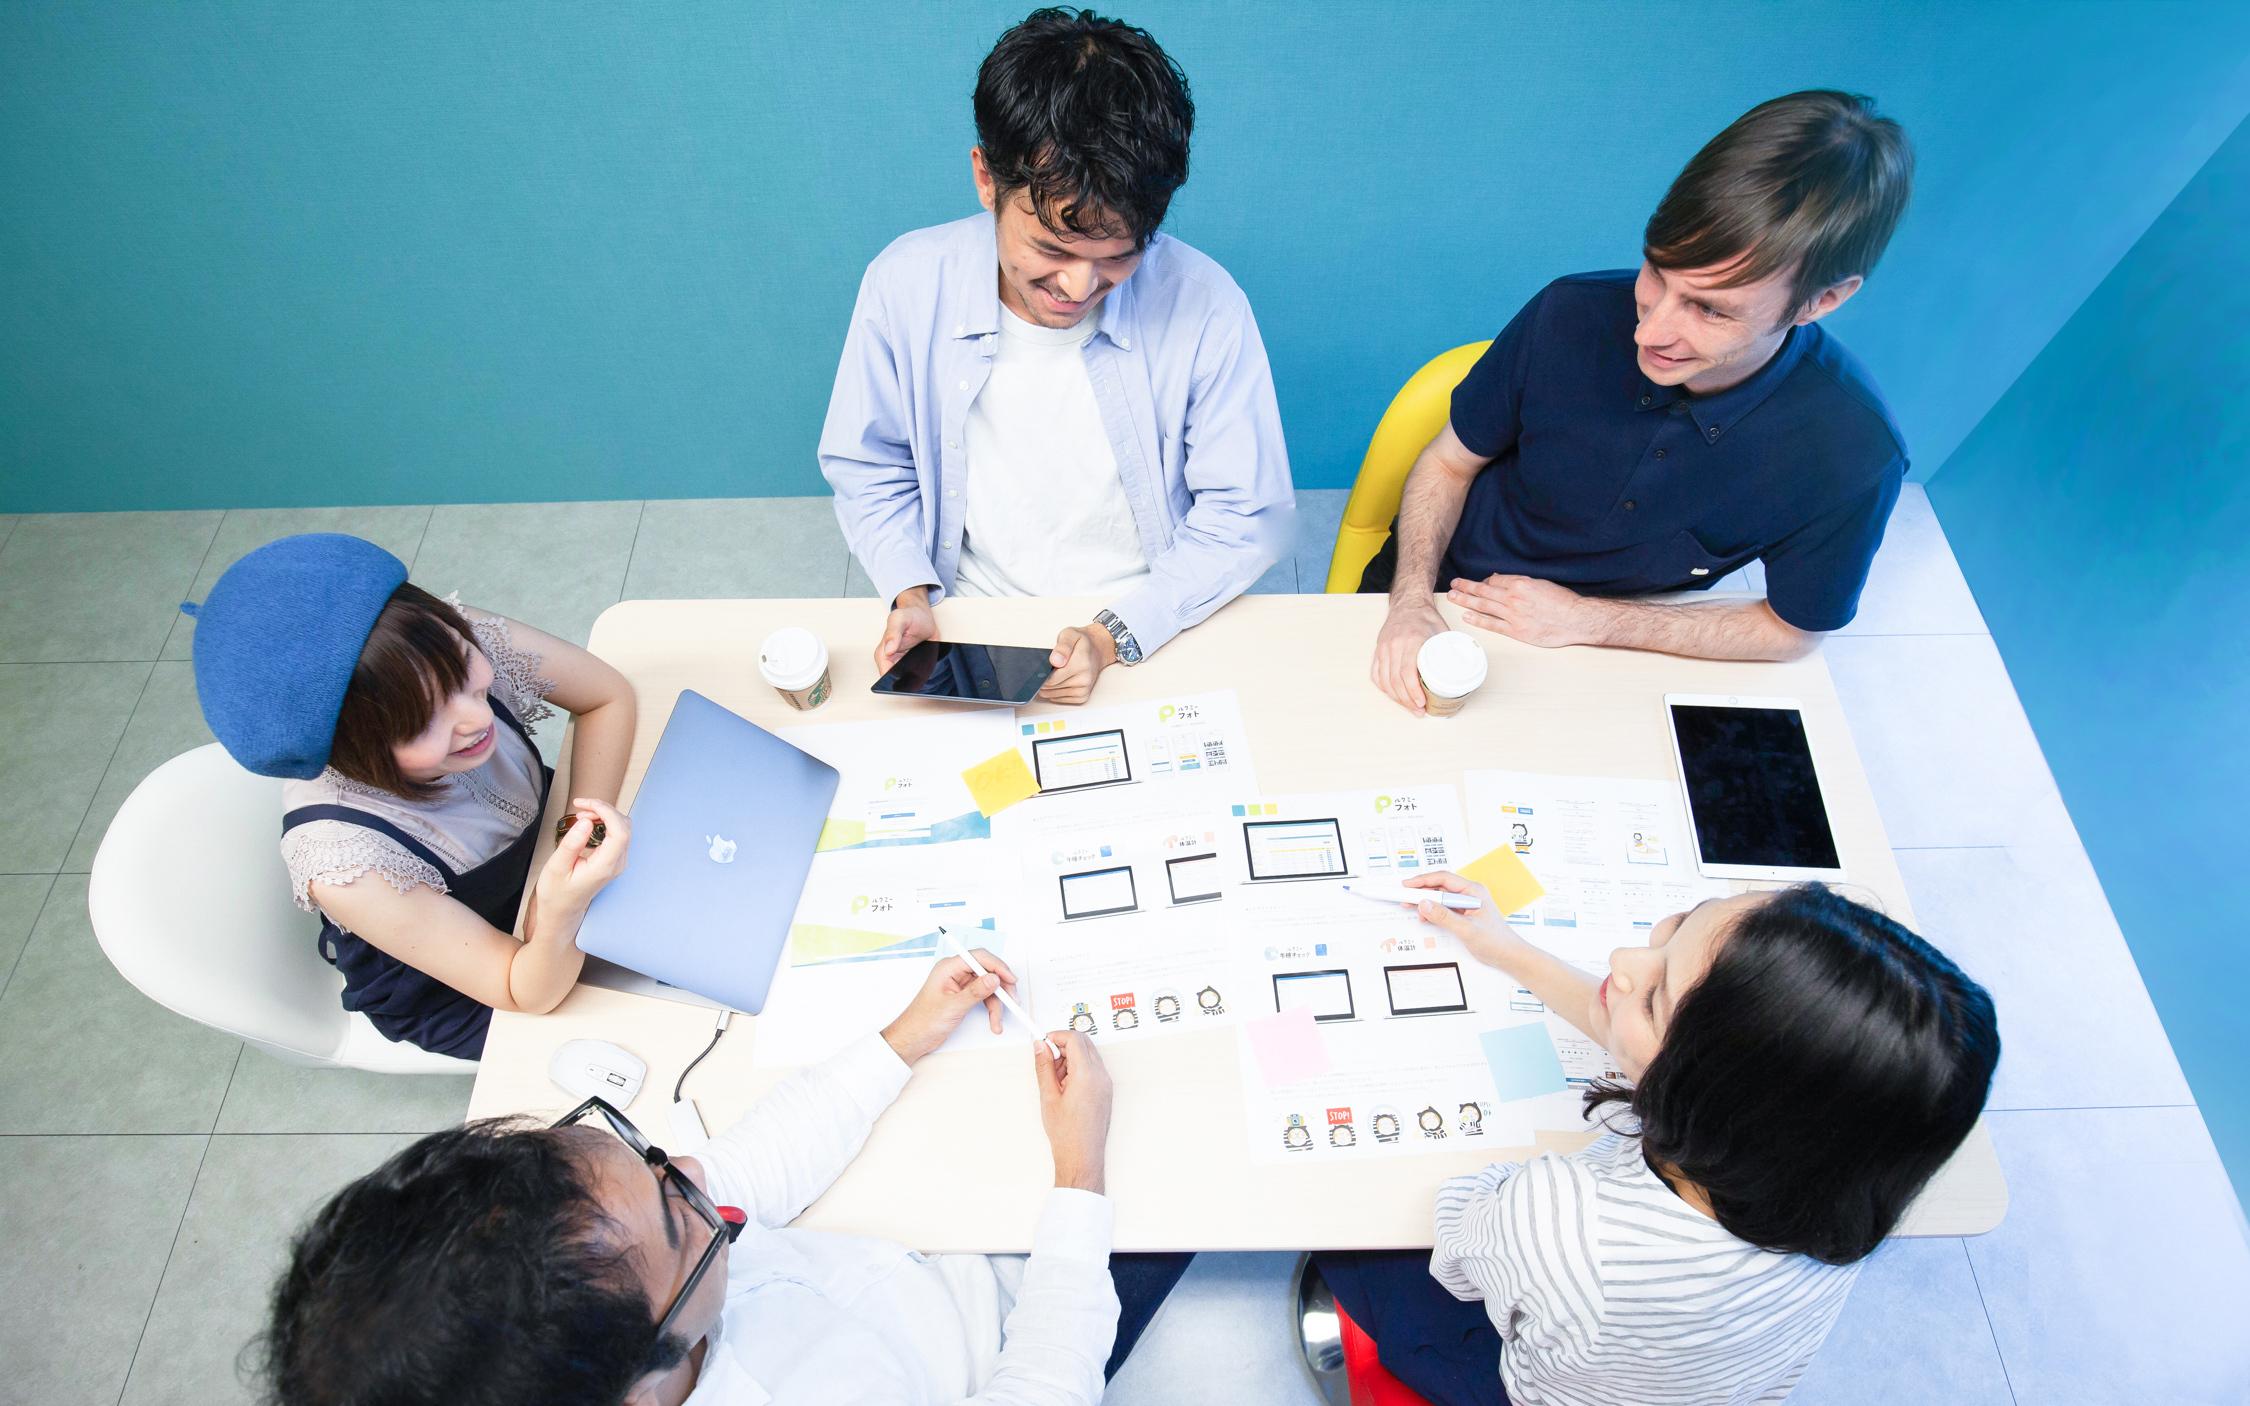 テクノロジーの力で家族をもっと豊かにしたい!インハウス・UIデザイナーを募集